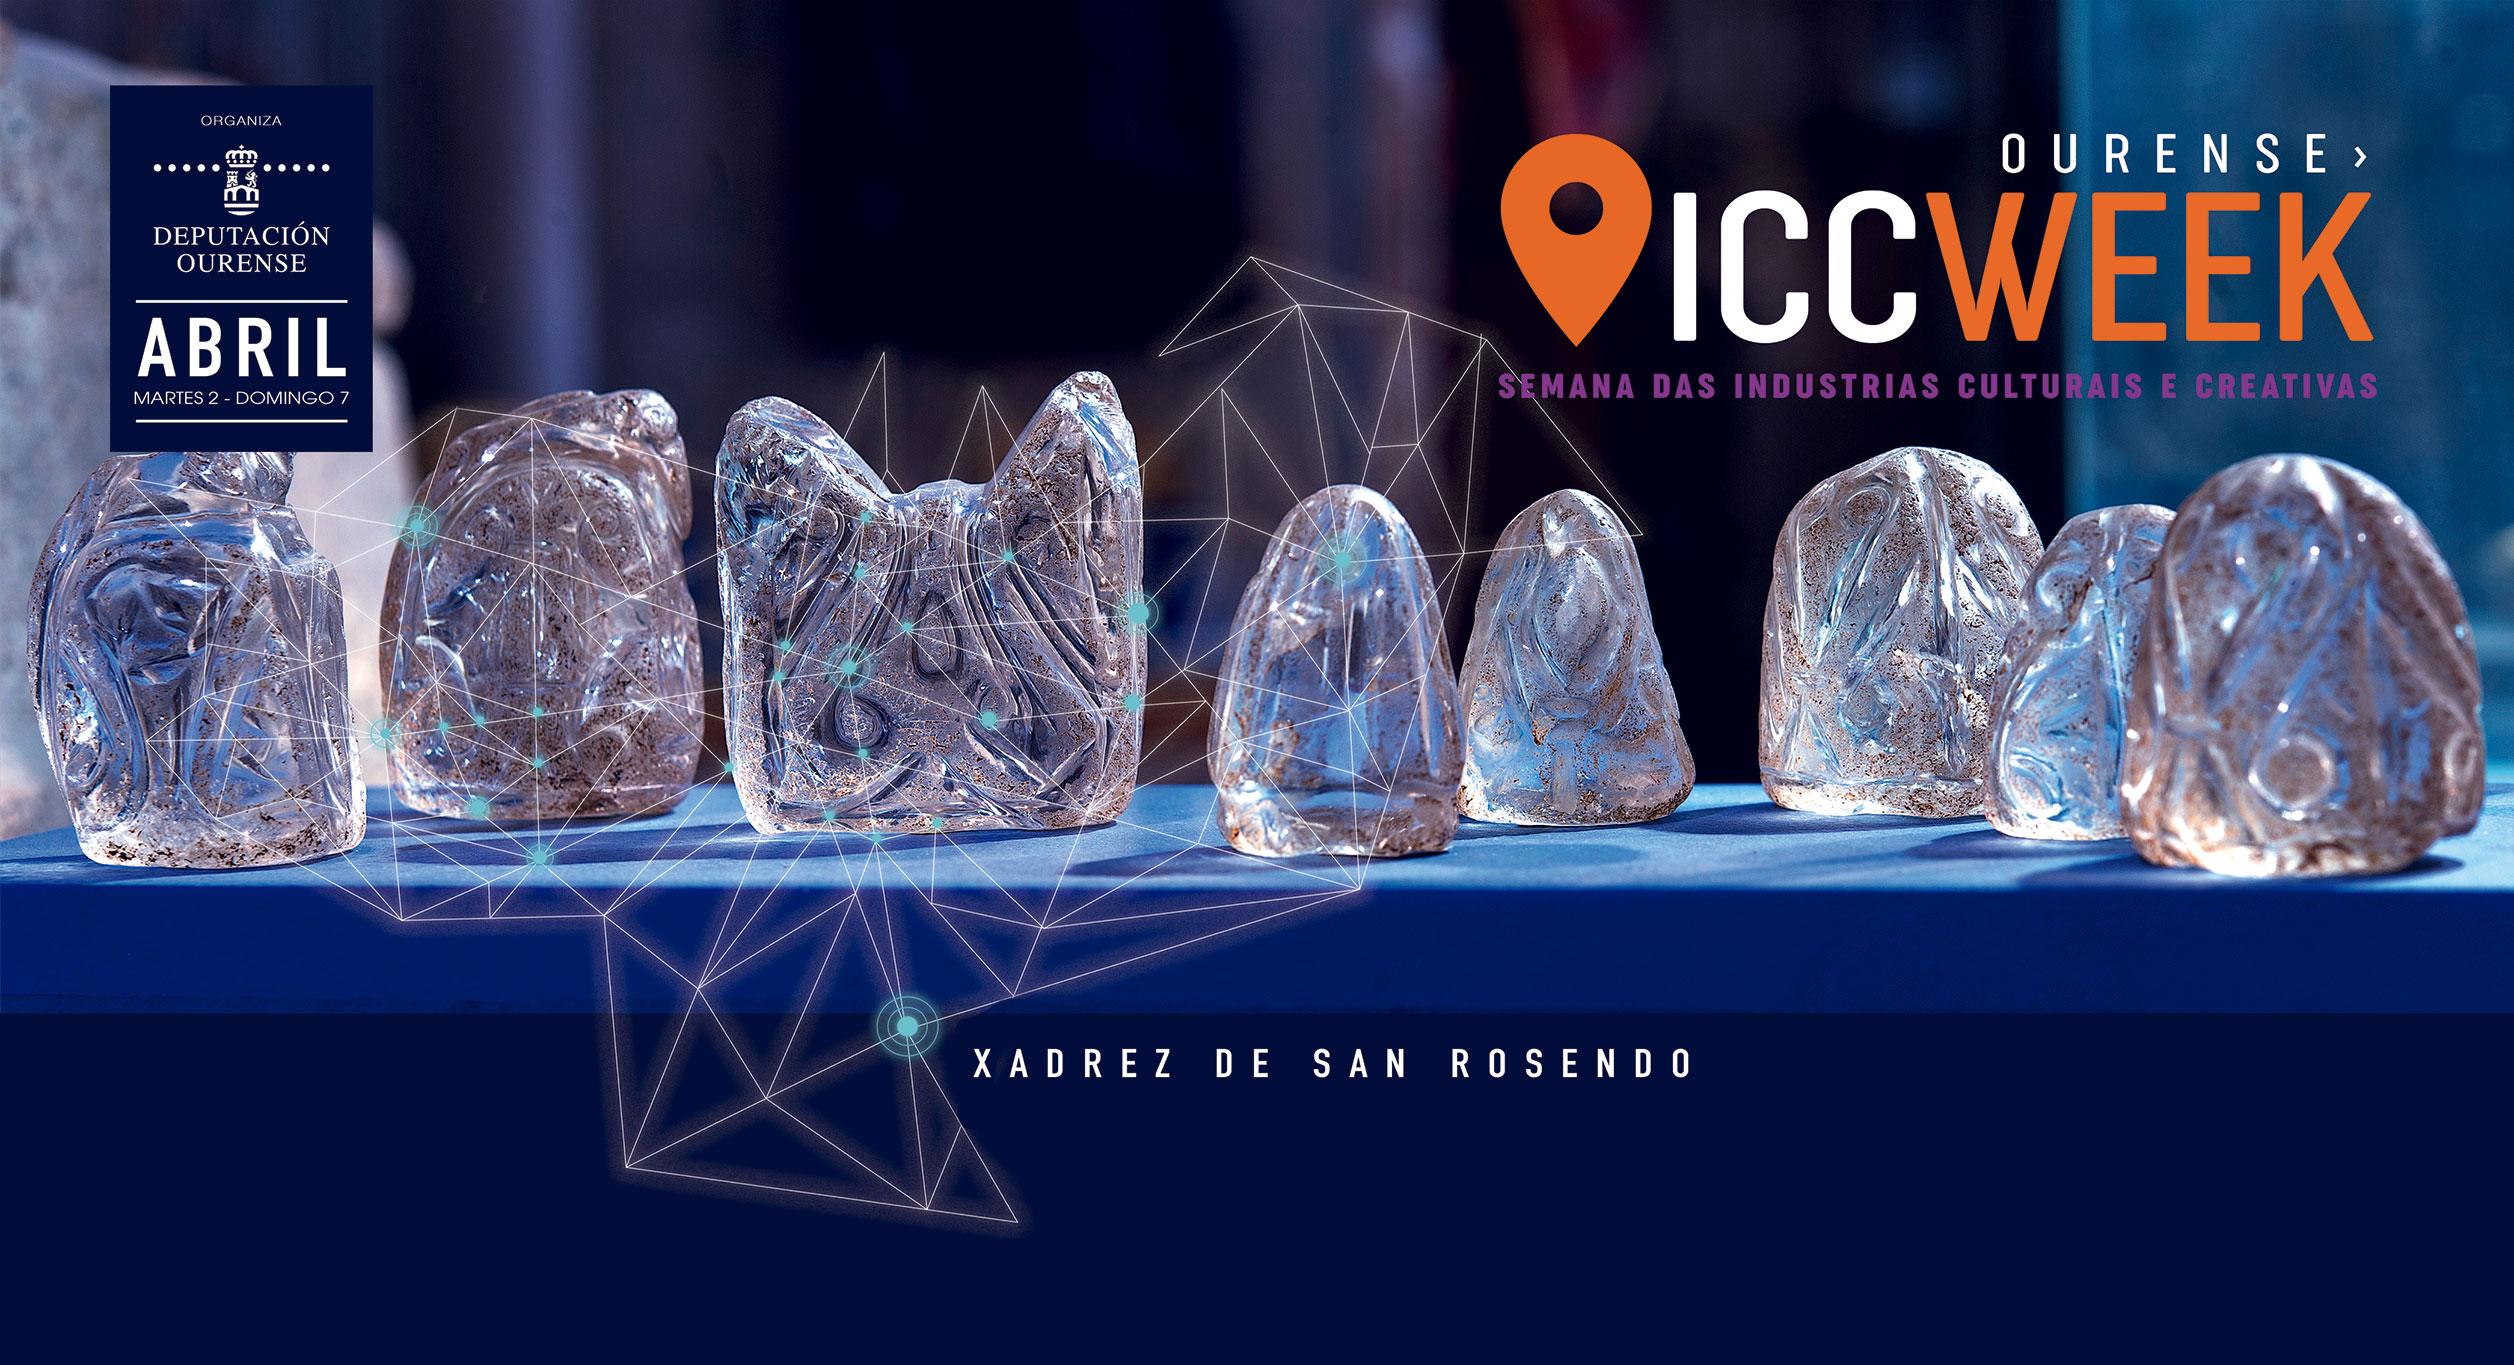 Ourense ICC Week